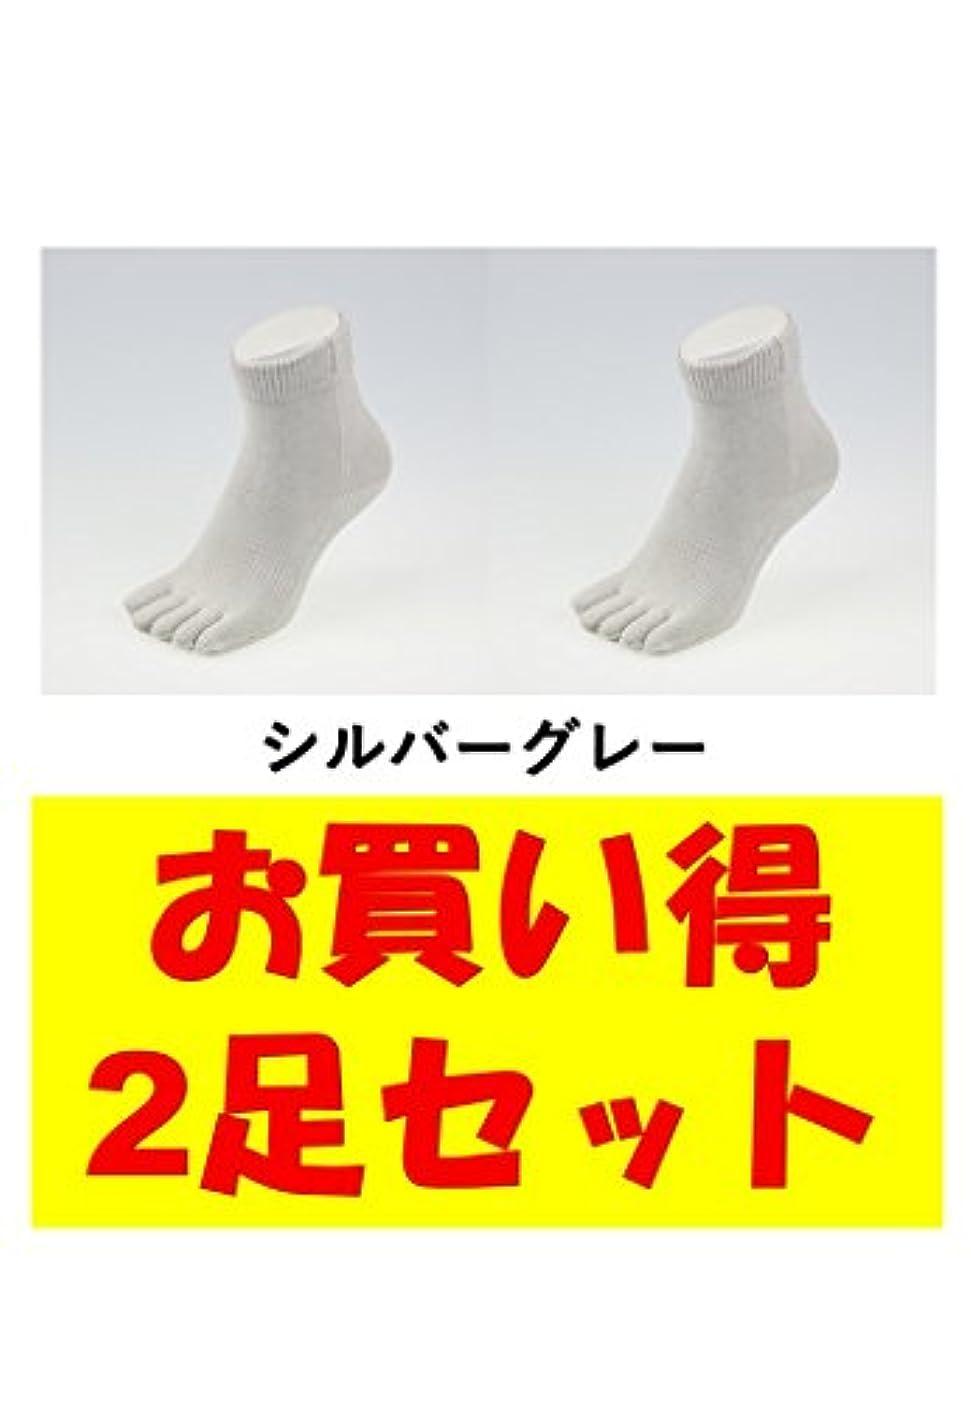 賞照らす怠けたお買い得2足セット 5本指 ゆびのばソックス Neo EVE(イヴ) シルバーグレー Sサイズ(21.0cm - 24.0cm) YSNEVE-SGL